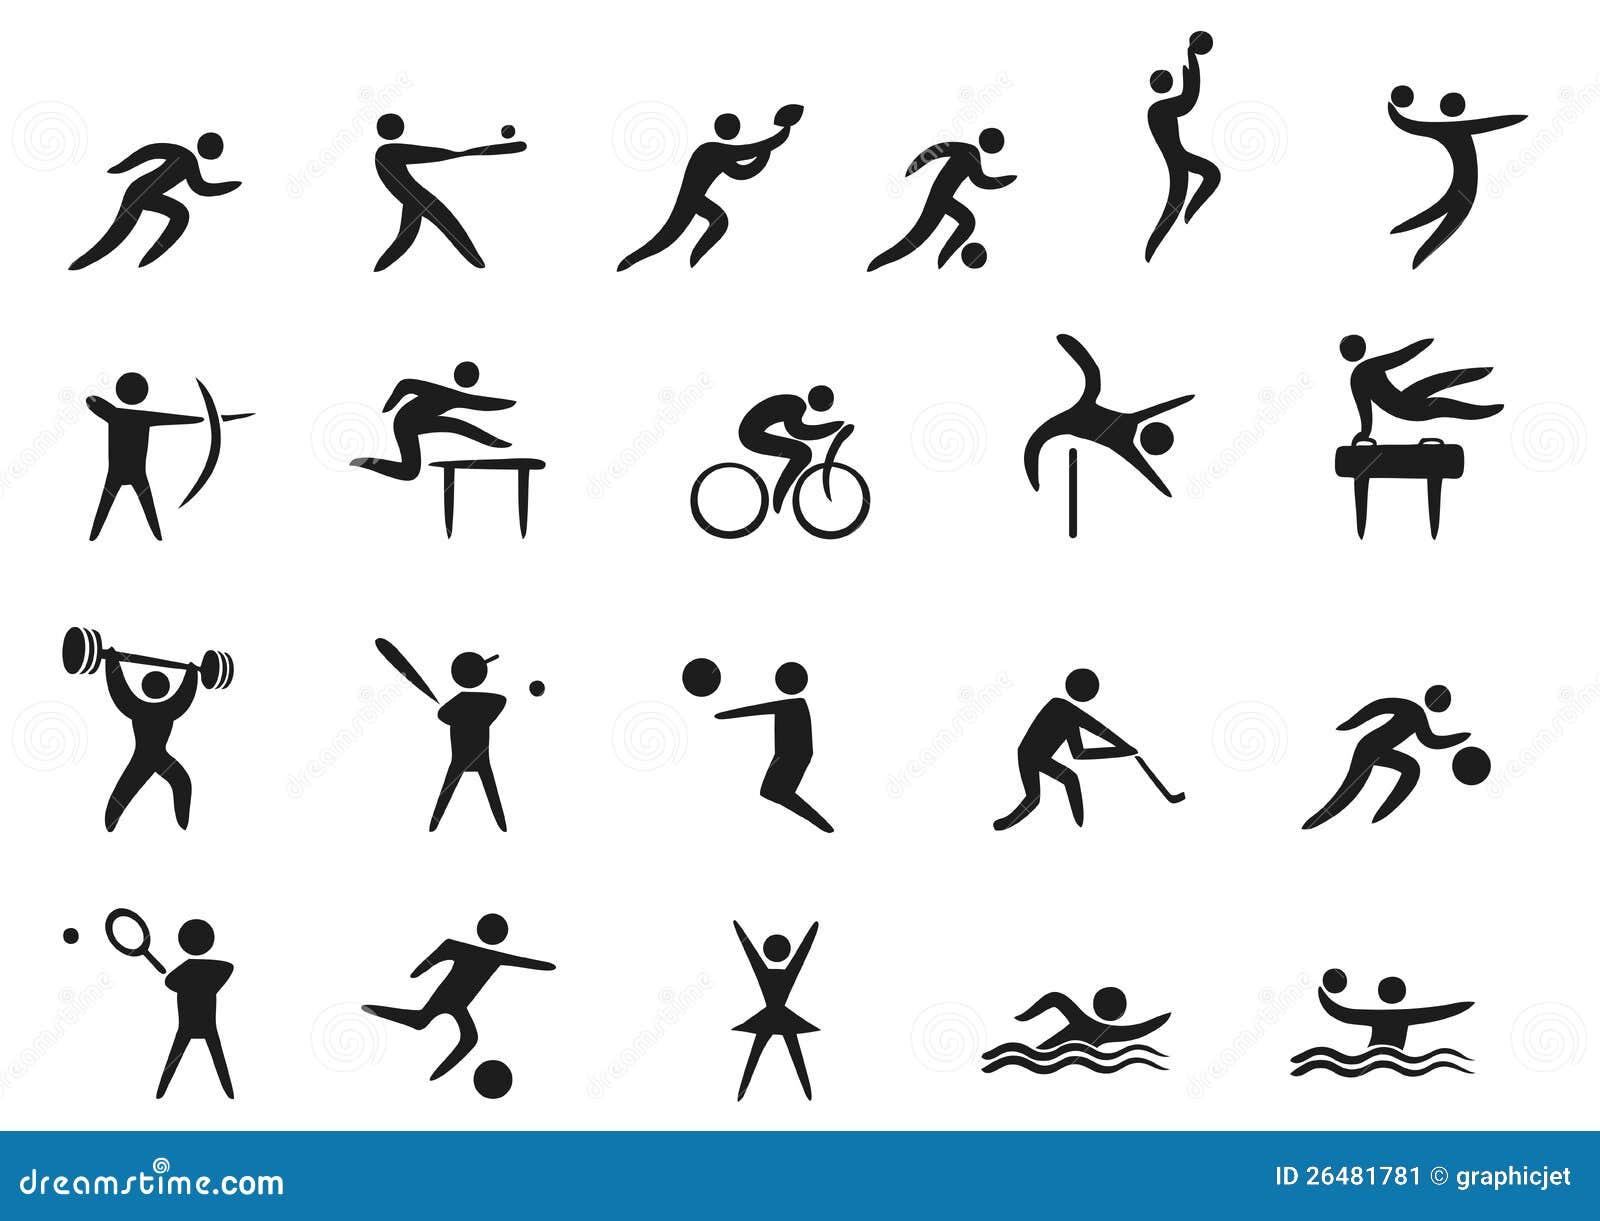 Fondo Con Iconos De Deporte: Iconos Del Deporte Imagen De Archivo